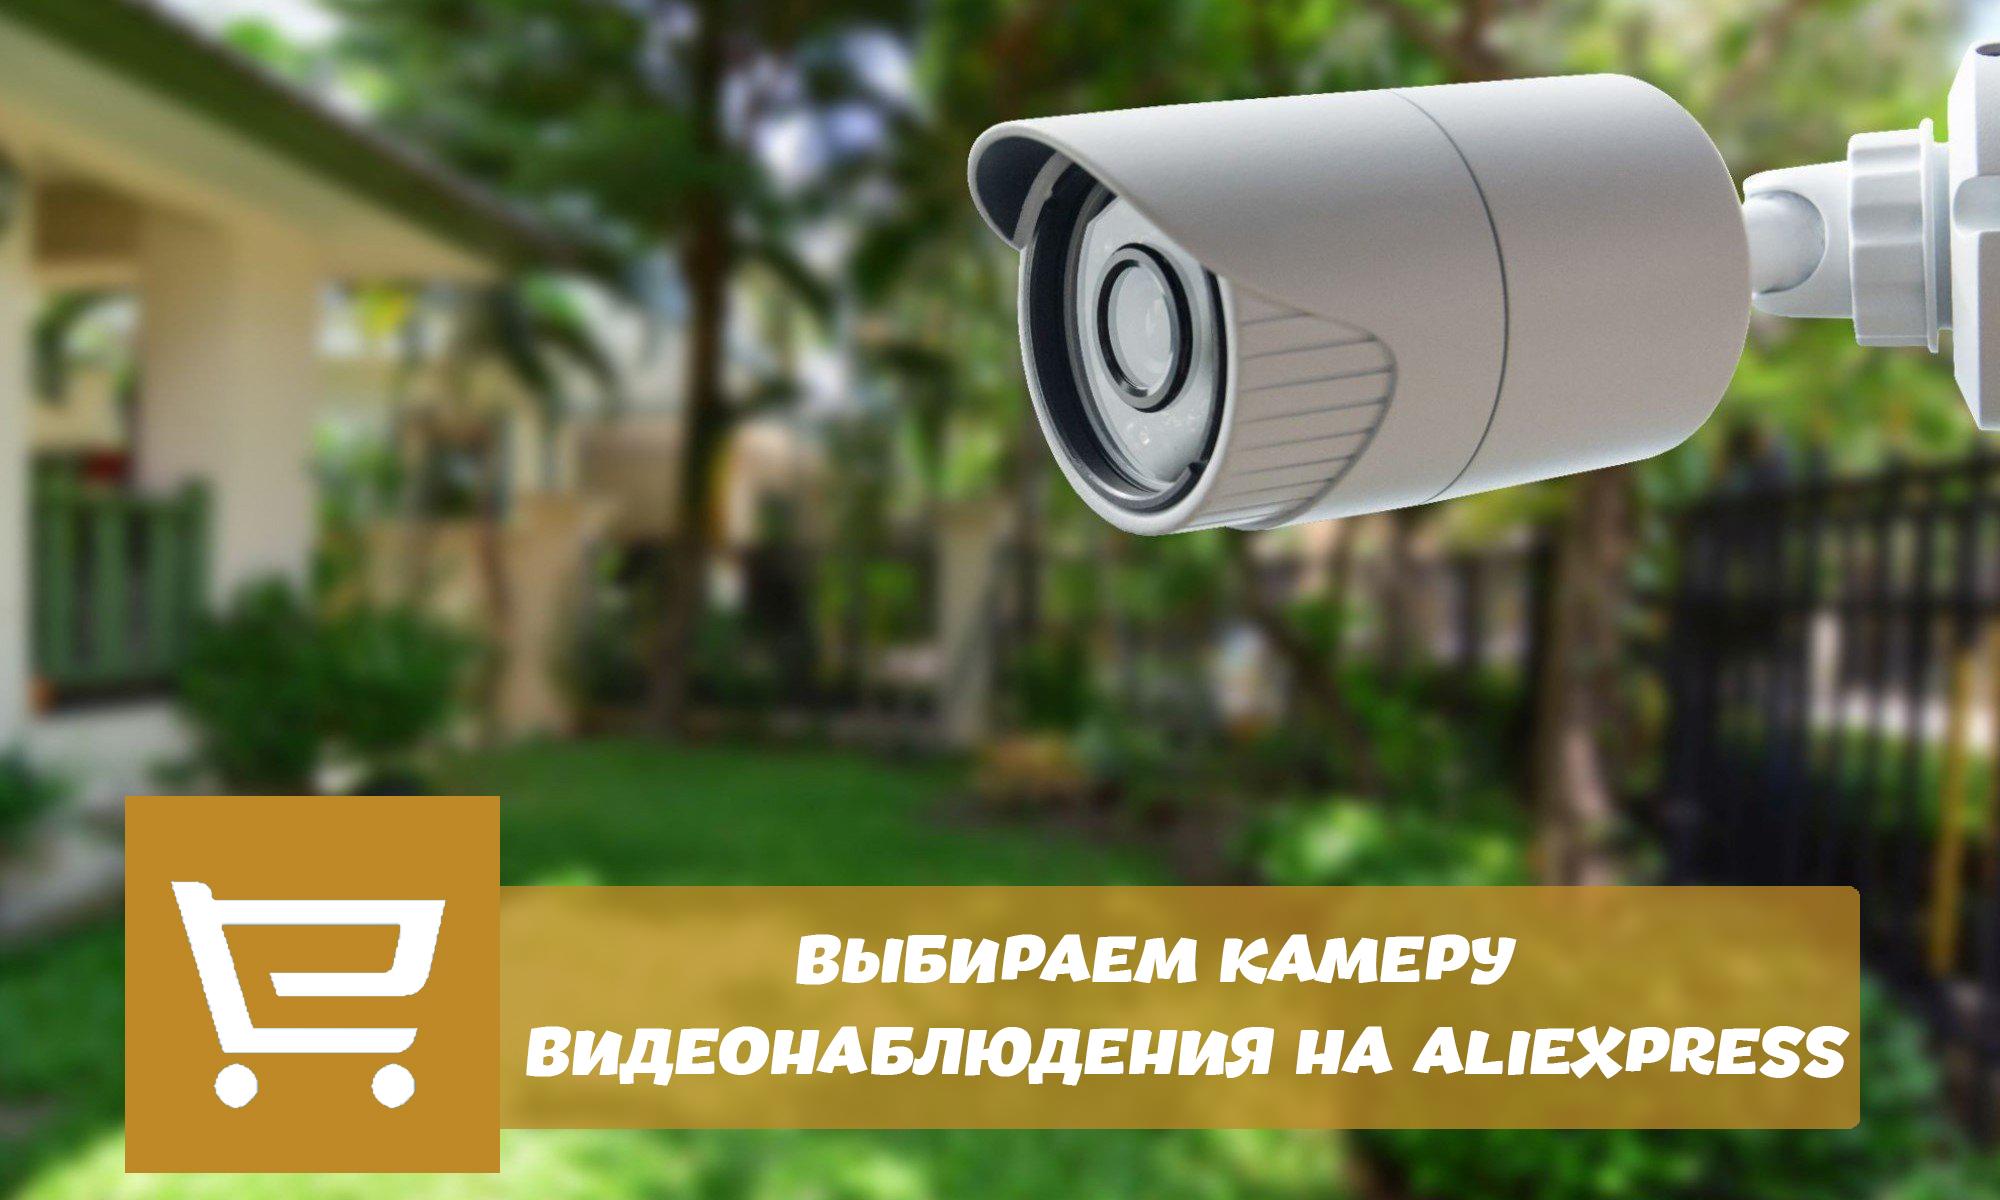 Выбираем камеру виденаблюдения на Алиэкспресс